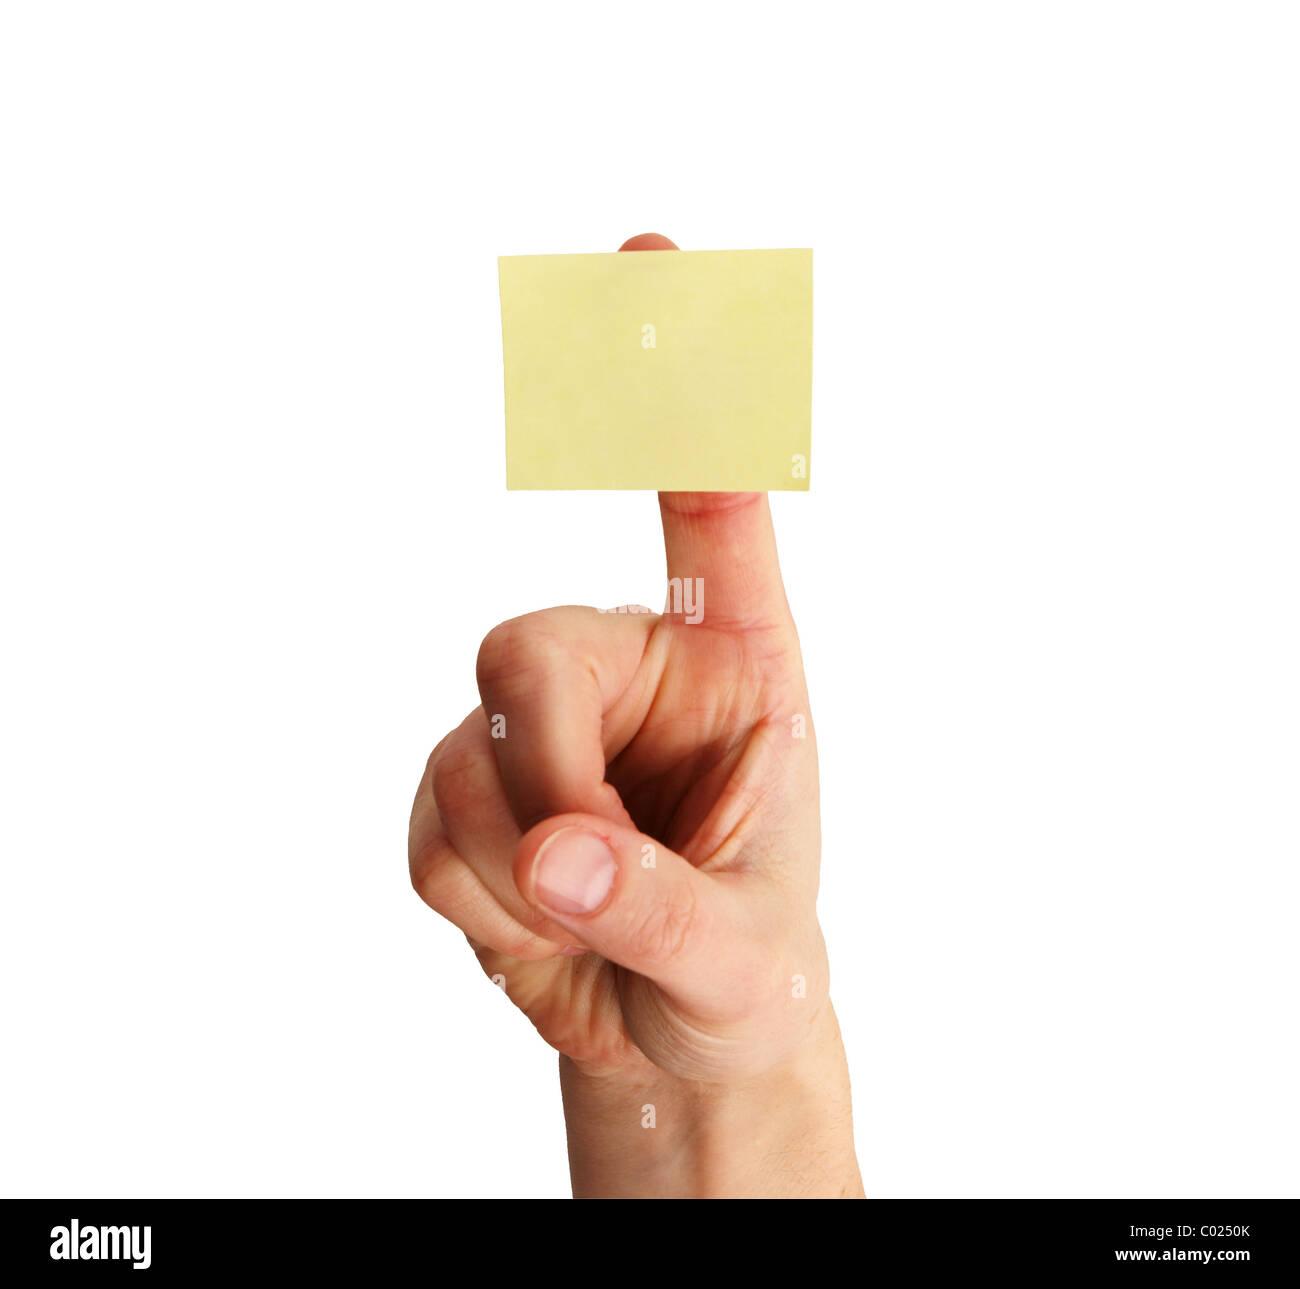 Blank bigliettino giallo su una donna di dito isolati su sfondo bianco Immagini Stock